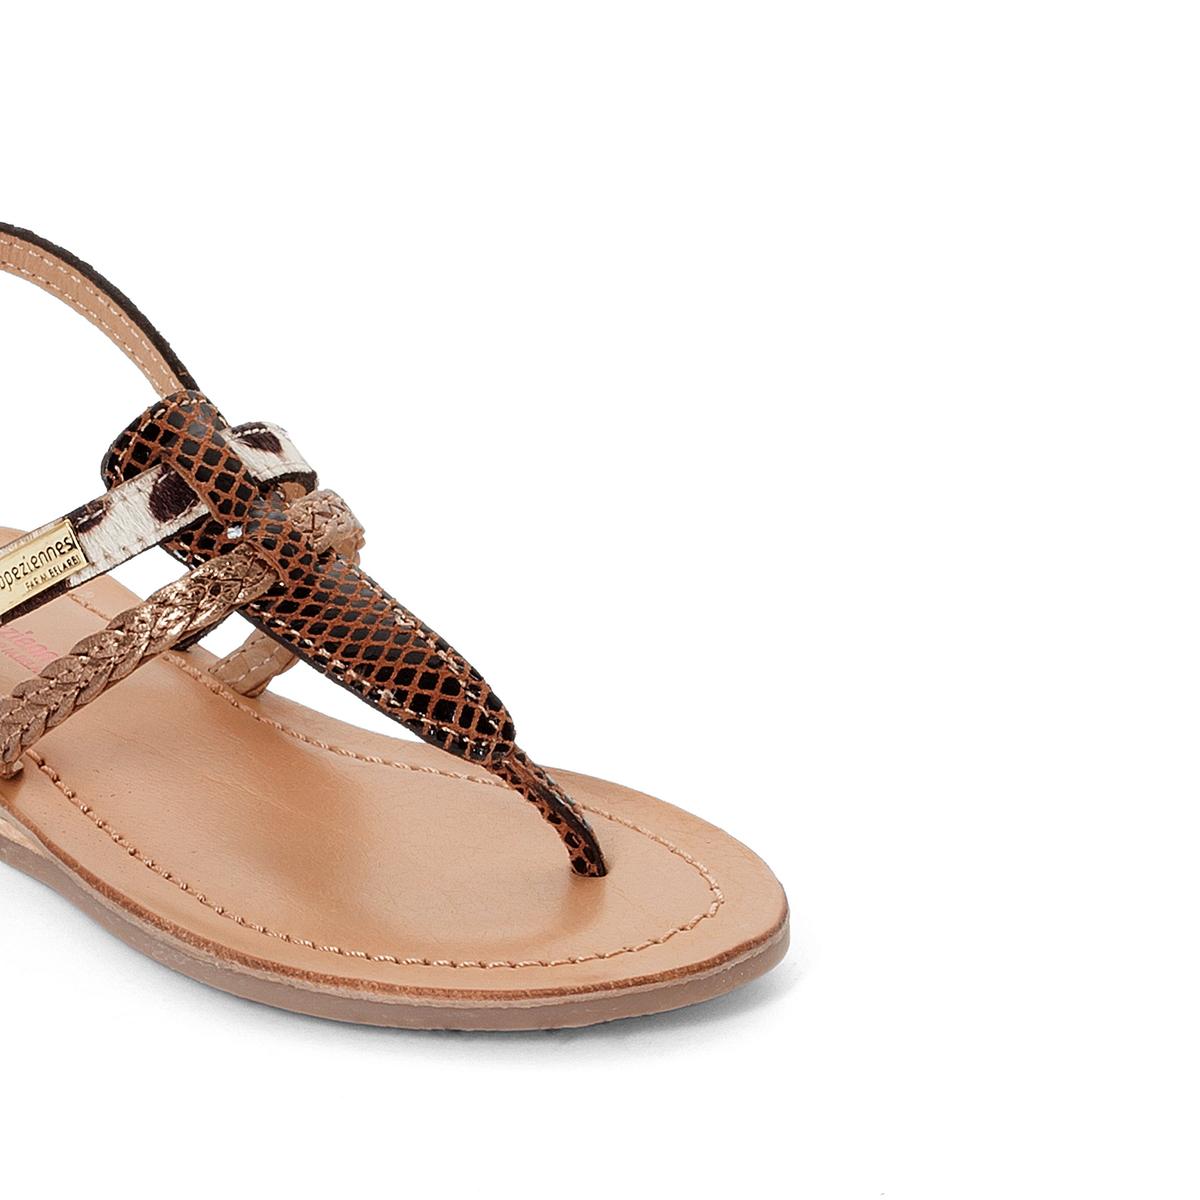 Босоножки кожаные BarakaВерх : кожа   Подкладка : кожа   Стелька : кожа   Подошва : синтетика   Форма каблука : плоский каблук   Мысок : закругленный мысок  Застежка : пряжка<br><br>Цвет: принт/бежевый